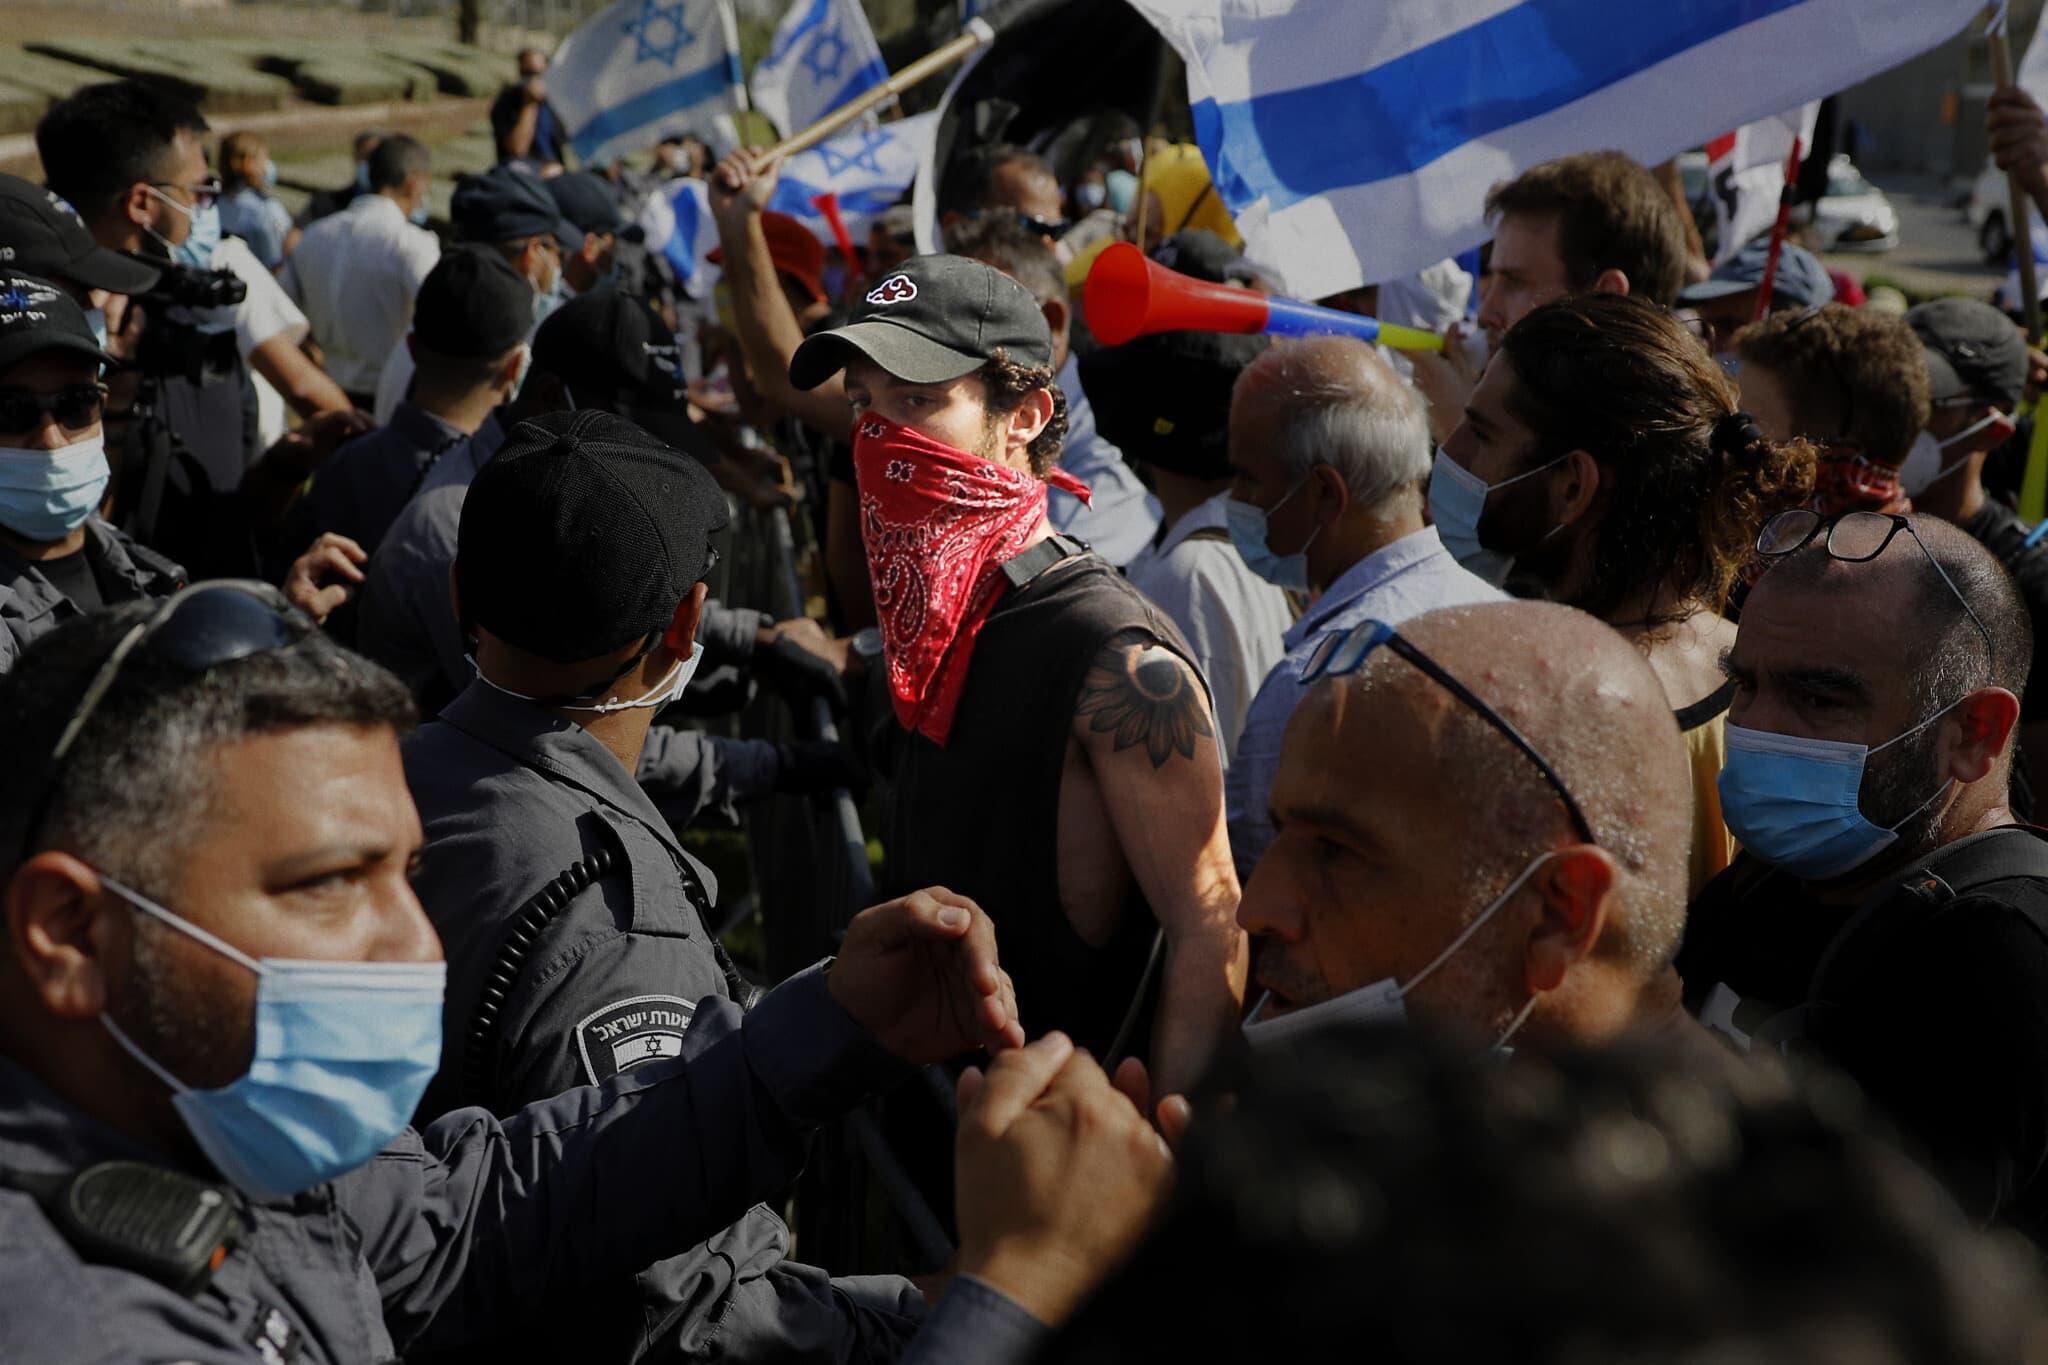 סתיו שומר, במרכז, בהפגנה מחוץ לכנסת ב-29 בספטמבר 2020 (צילום: אוליבייה פיטוסי/פלאש90)